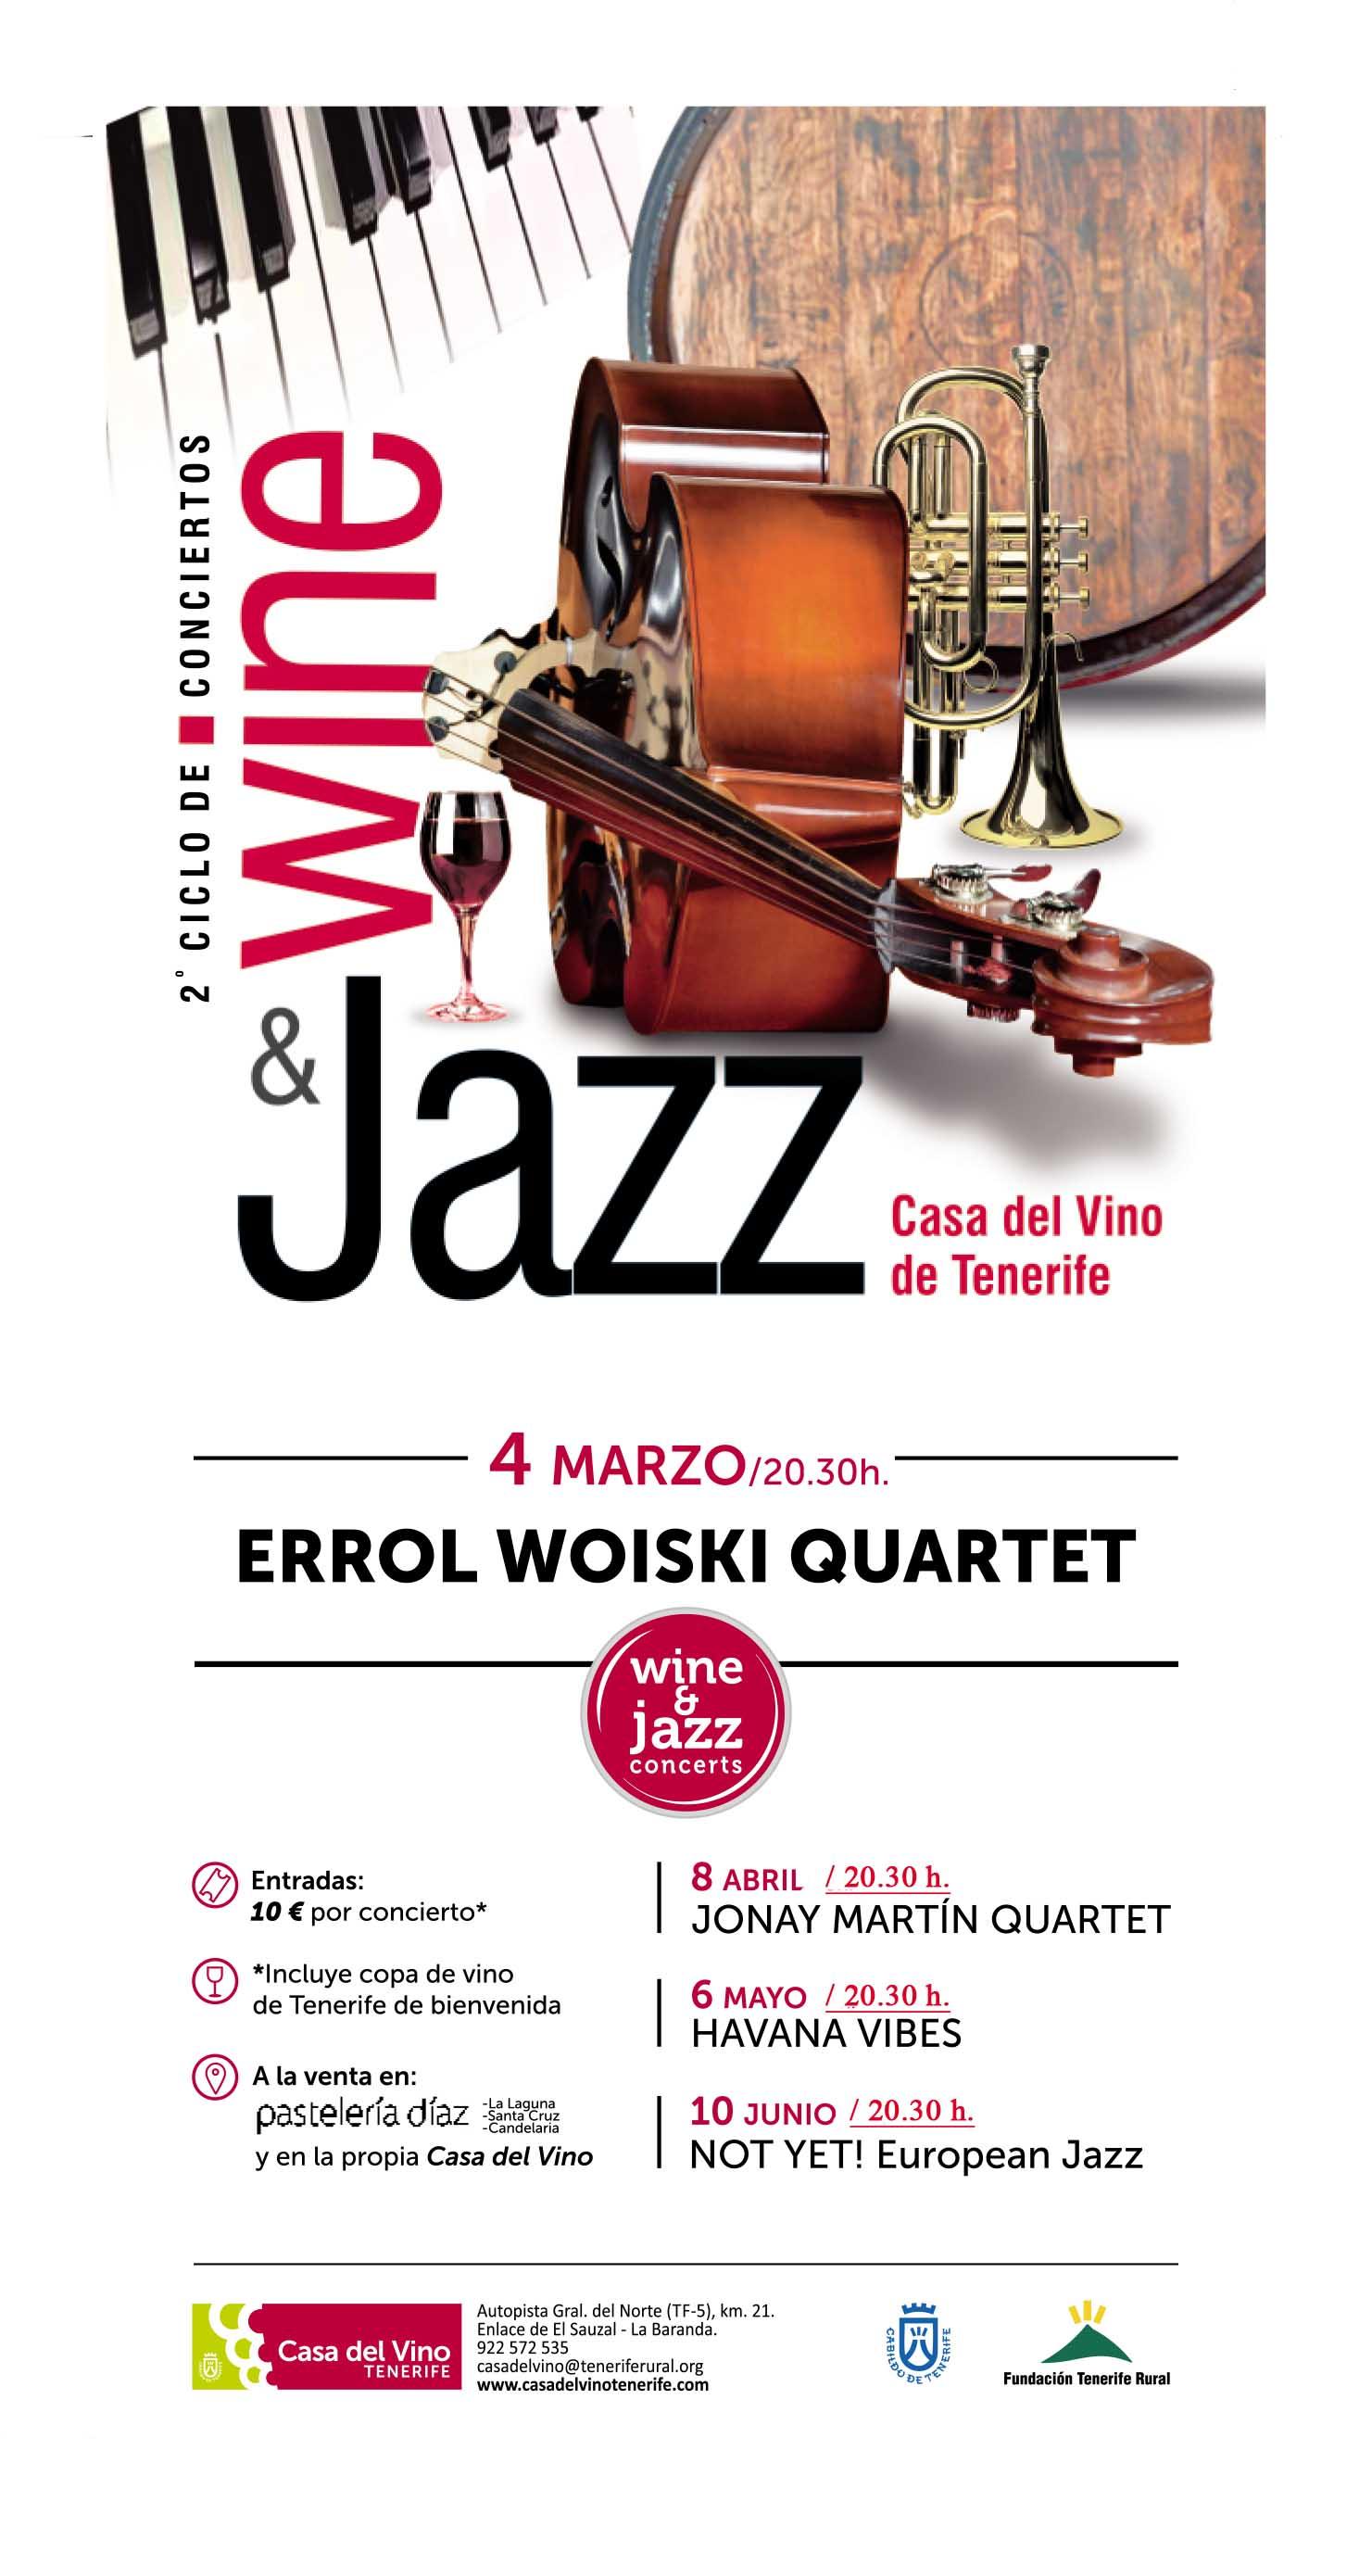 Nuevo ciclo de conciertos de Jazz en La Casa del Vino de Tenerife